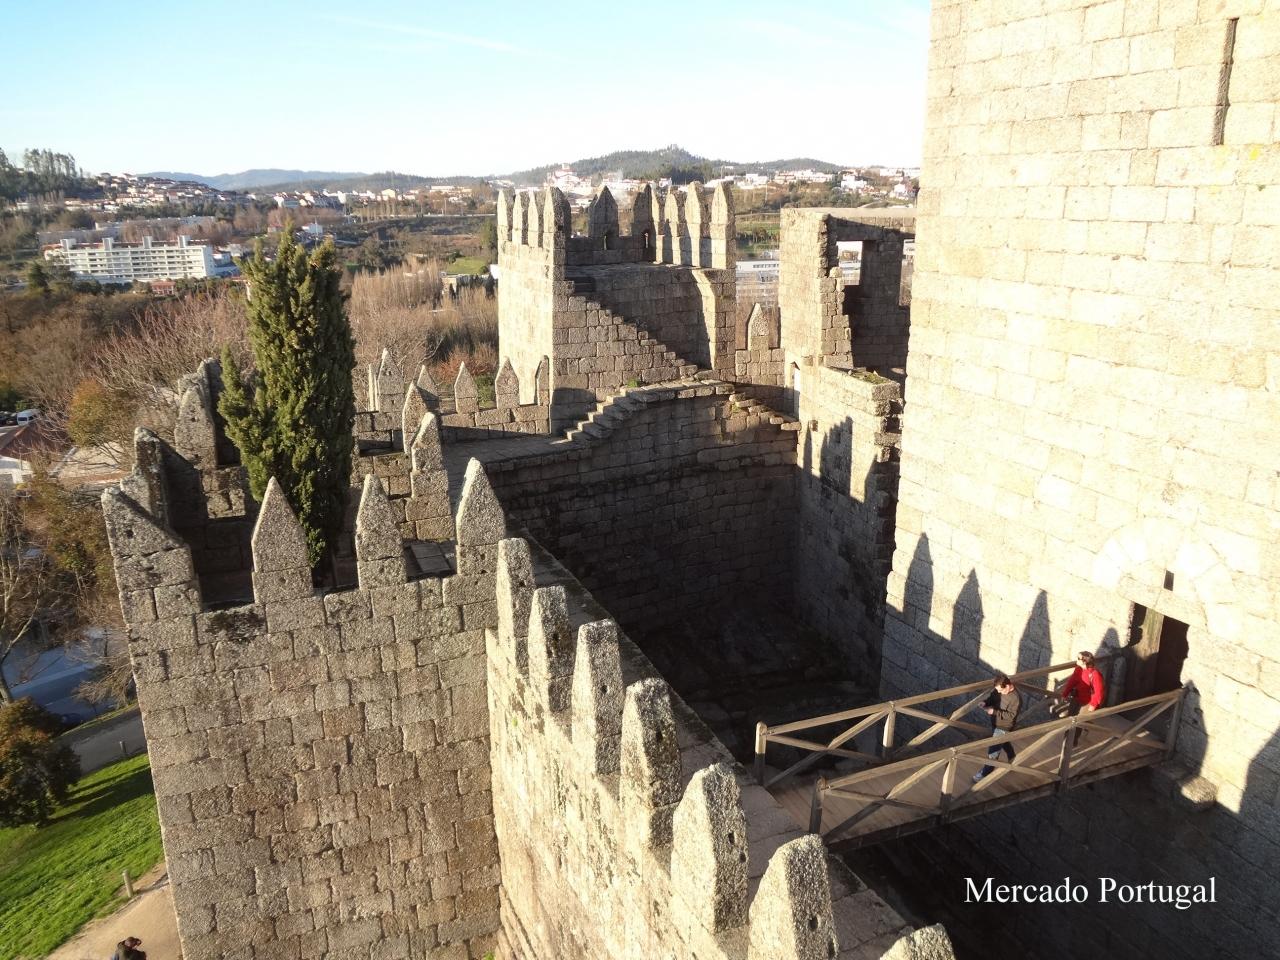 城の中から町を眺めるのも楽しいです